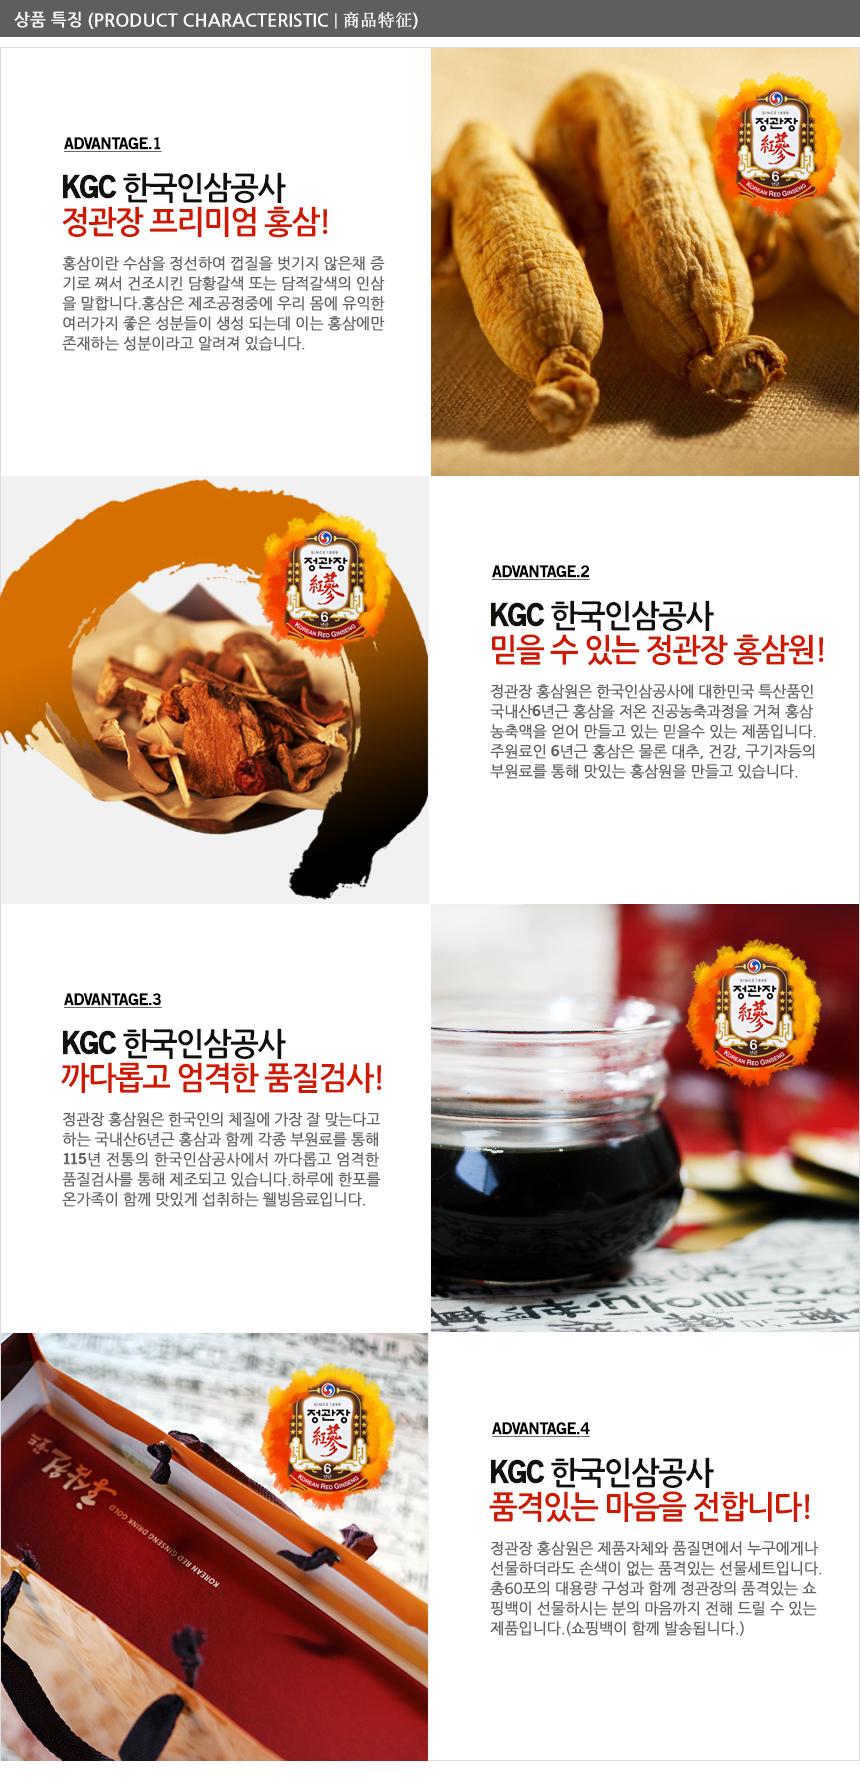 kgc_honsamwon_03.jpg